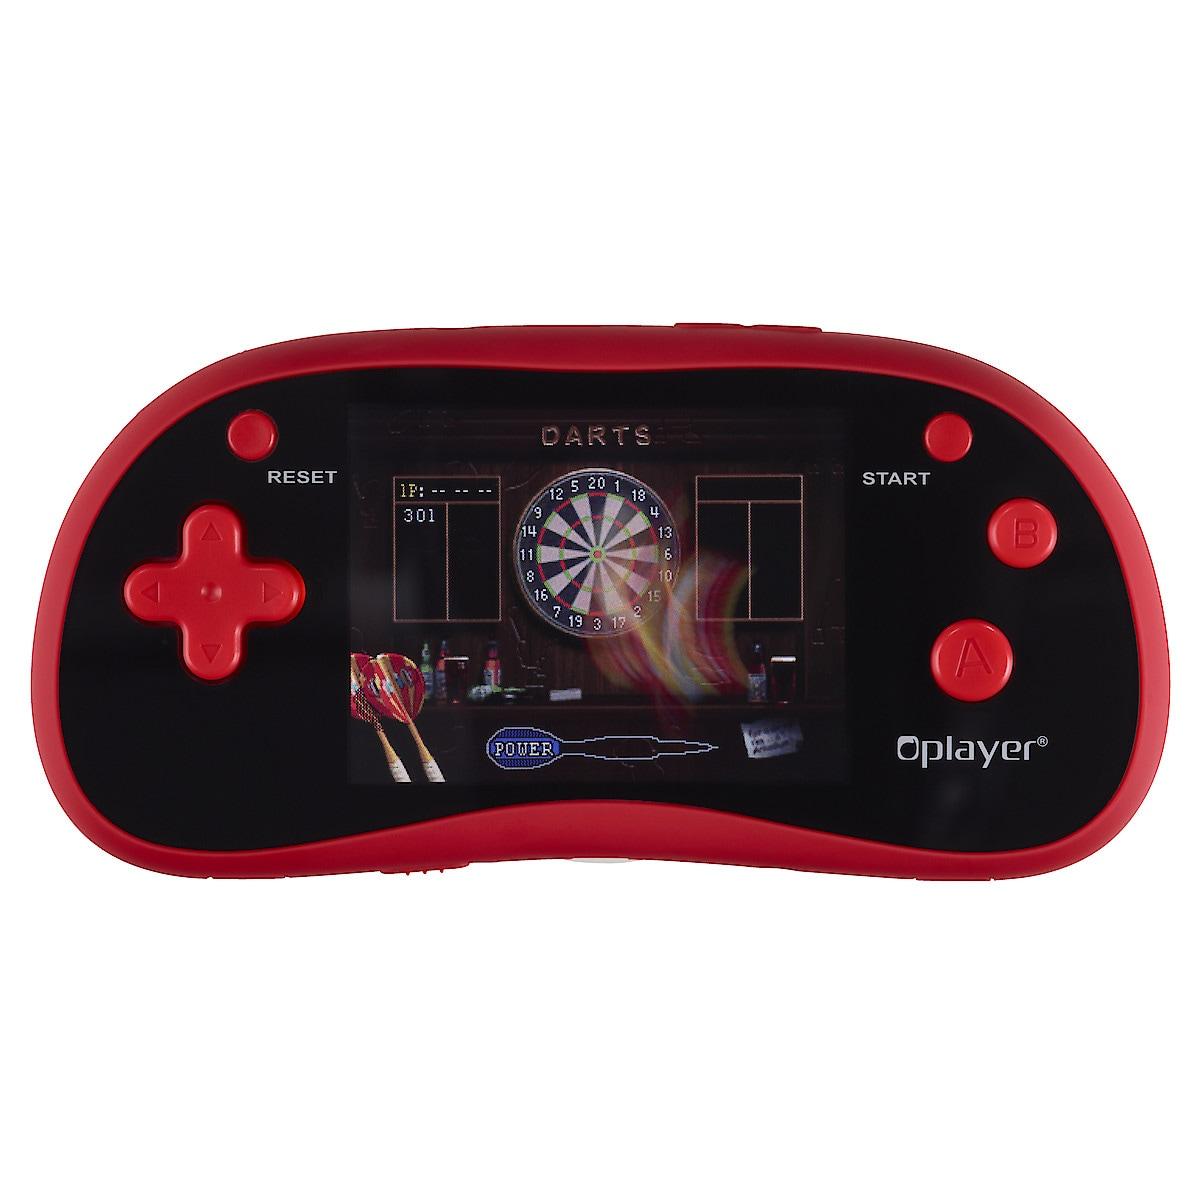 Bærbar spillkonsoll 180 innebygde spill